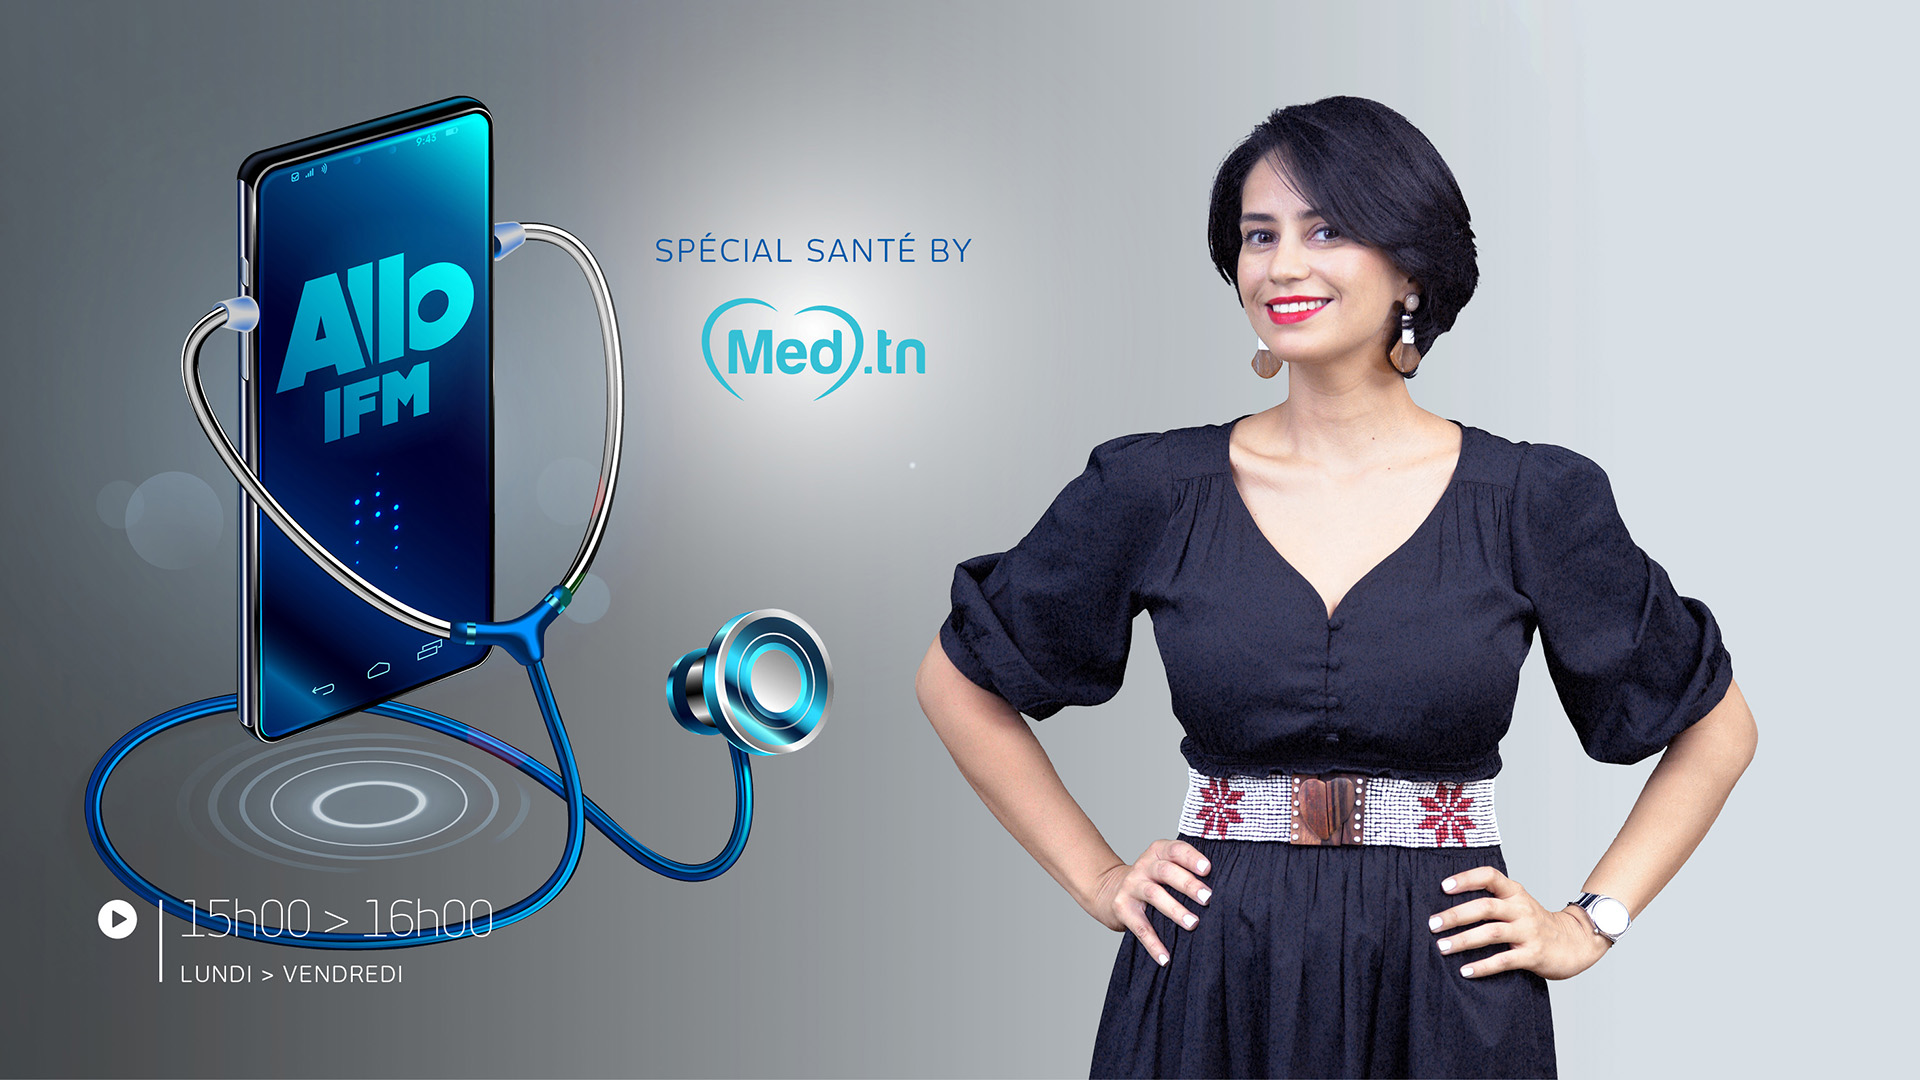 Allo IFm Spécial Santé le  26 MAI 2020 Allo IFM (Spécial santé) by Med.tn